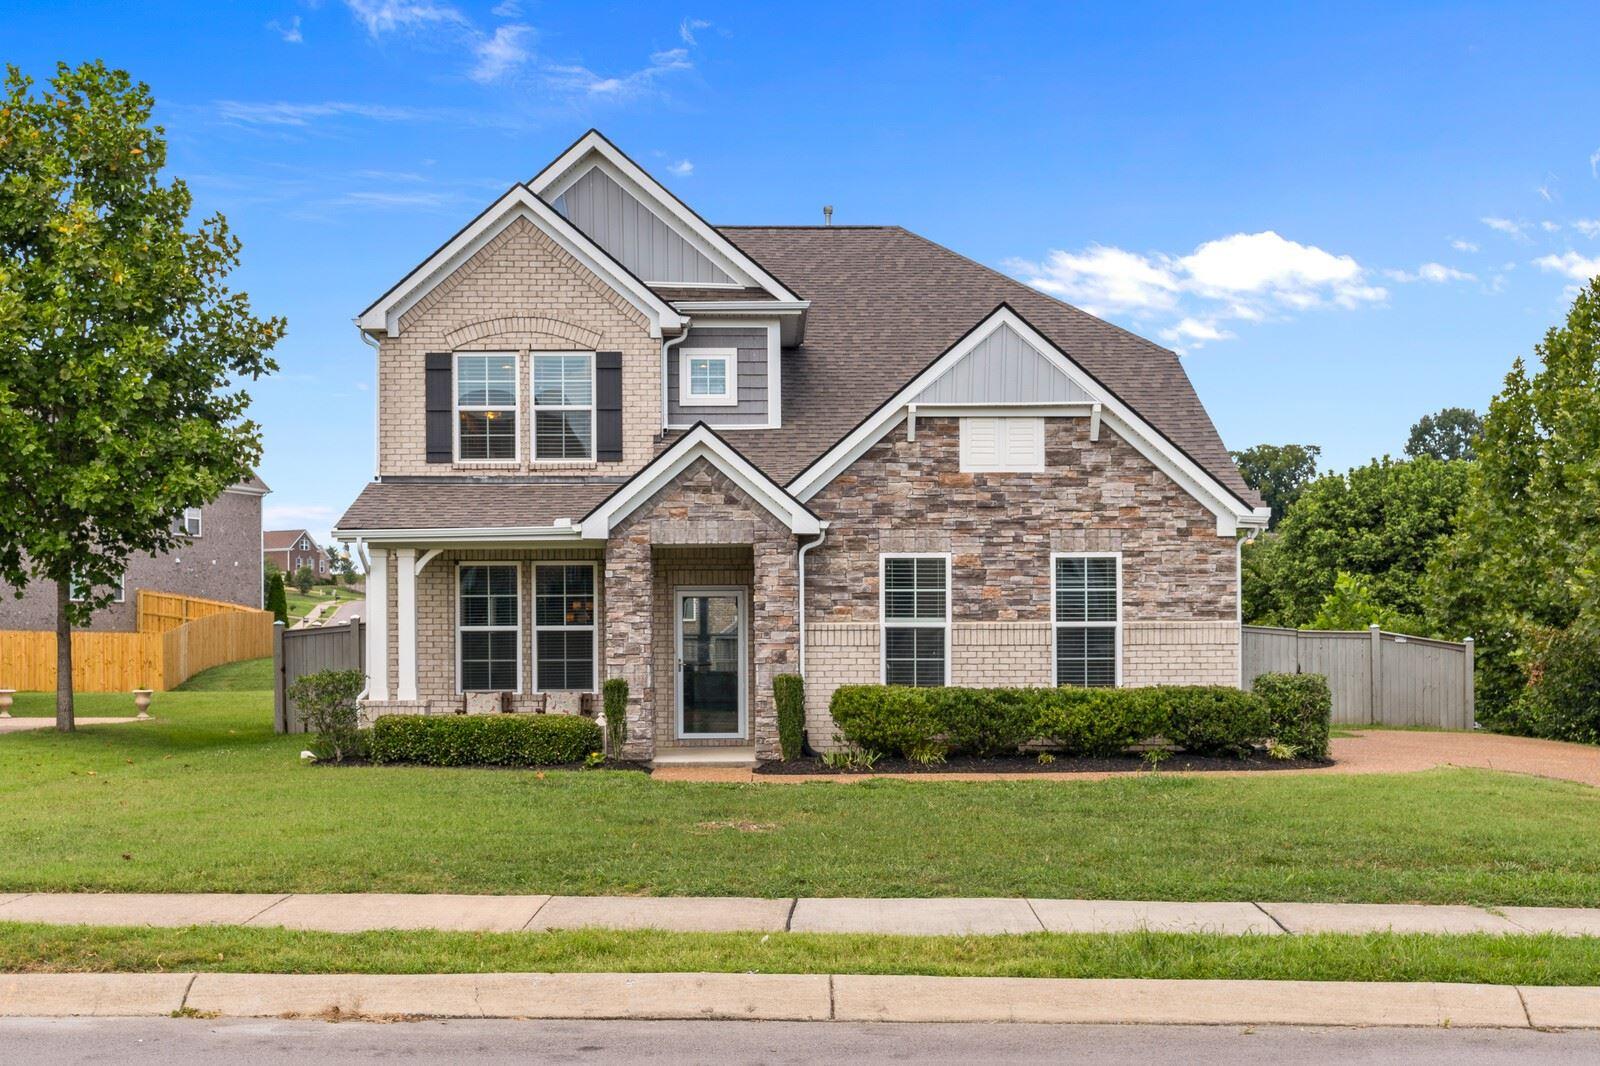 1055 Harvey Springs Dr, Spring Hill, TN 37174 - MLS#: 2279109